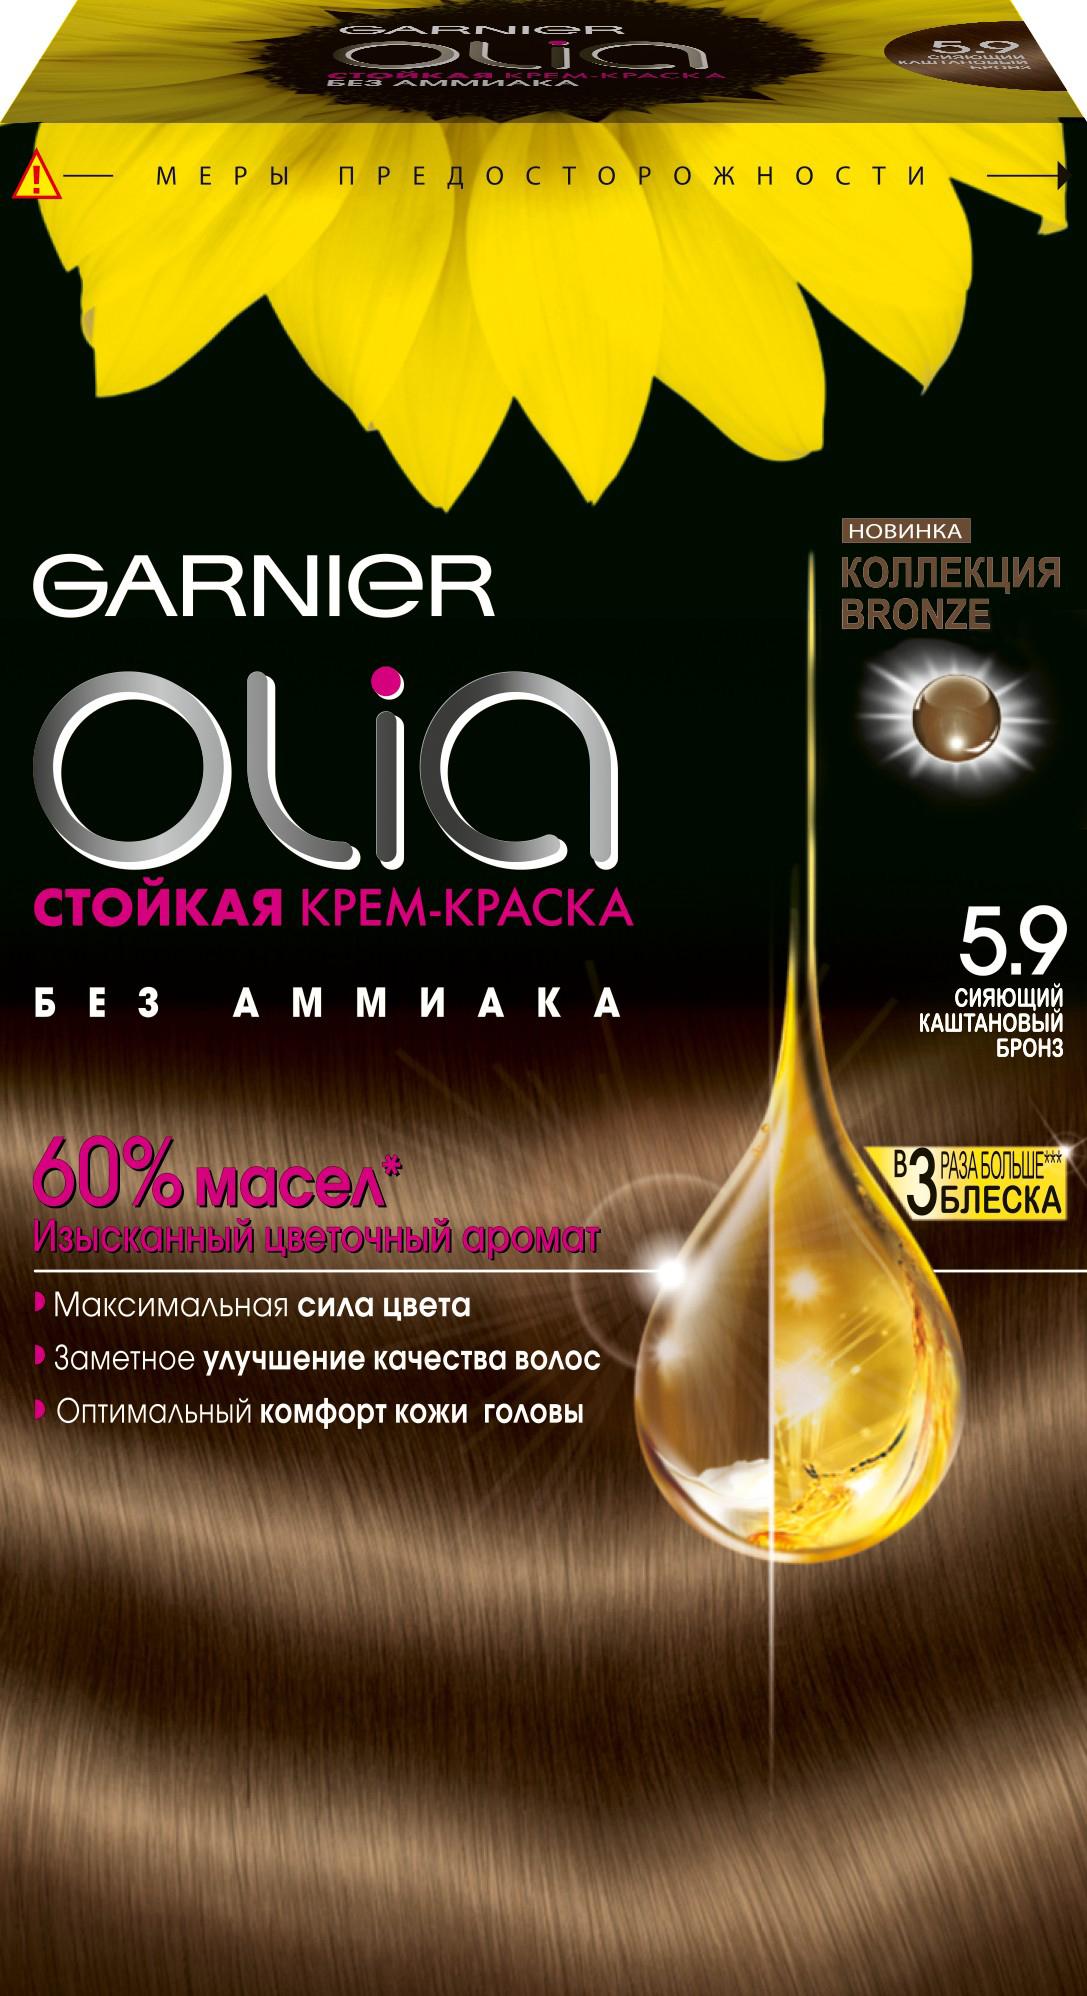 Garnier Стойкая крем-краска для волос Olia без аммиака, оттенок 5.9, Сияющий каштановый бронзEN/3Garnier Olia - первая стойкая крем-краска без аммиака c цветочным маслом. Olia обеспечивает максимальную силу цвета и заметно улучшает качество волос. Обеспечивает уникальное чувственное нанесение, оптимальный комфорт кожи головы и обладает изысканным цветочным ароматом. Узнай больше об окрашивании на http://coloracademy.ru//В состав упаковки входит: тюбик с молочком-проявителем; тюбик с крем-краской; флакон с бальзамом-уходом для волос Шелк и Блеск;инструкция; пара перчаток .